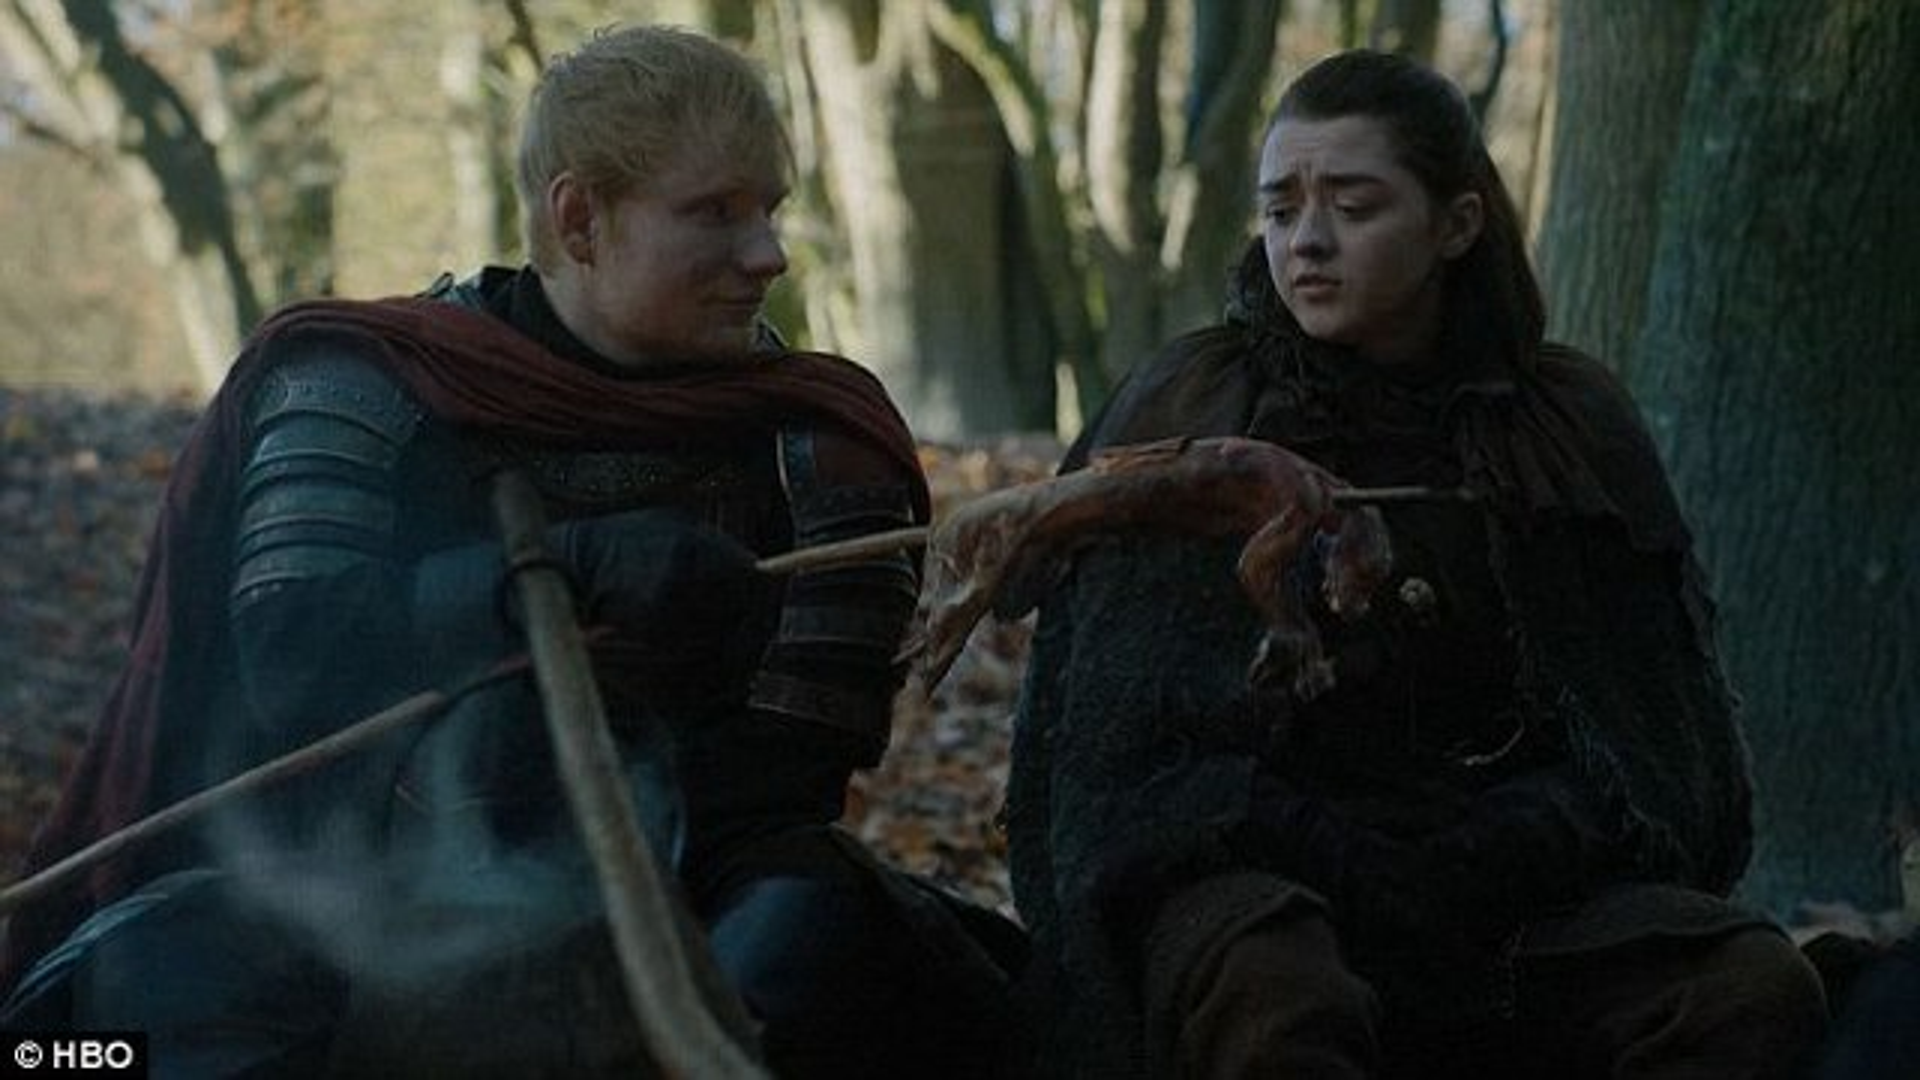 Ed-Sheeran-Maisie-Williams-Game-of-Thrones